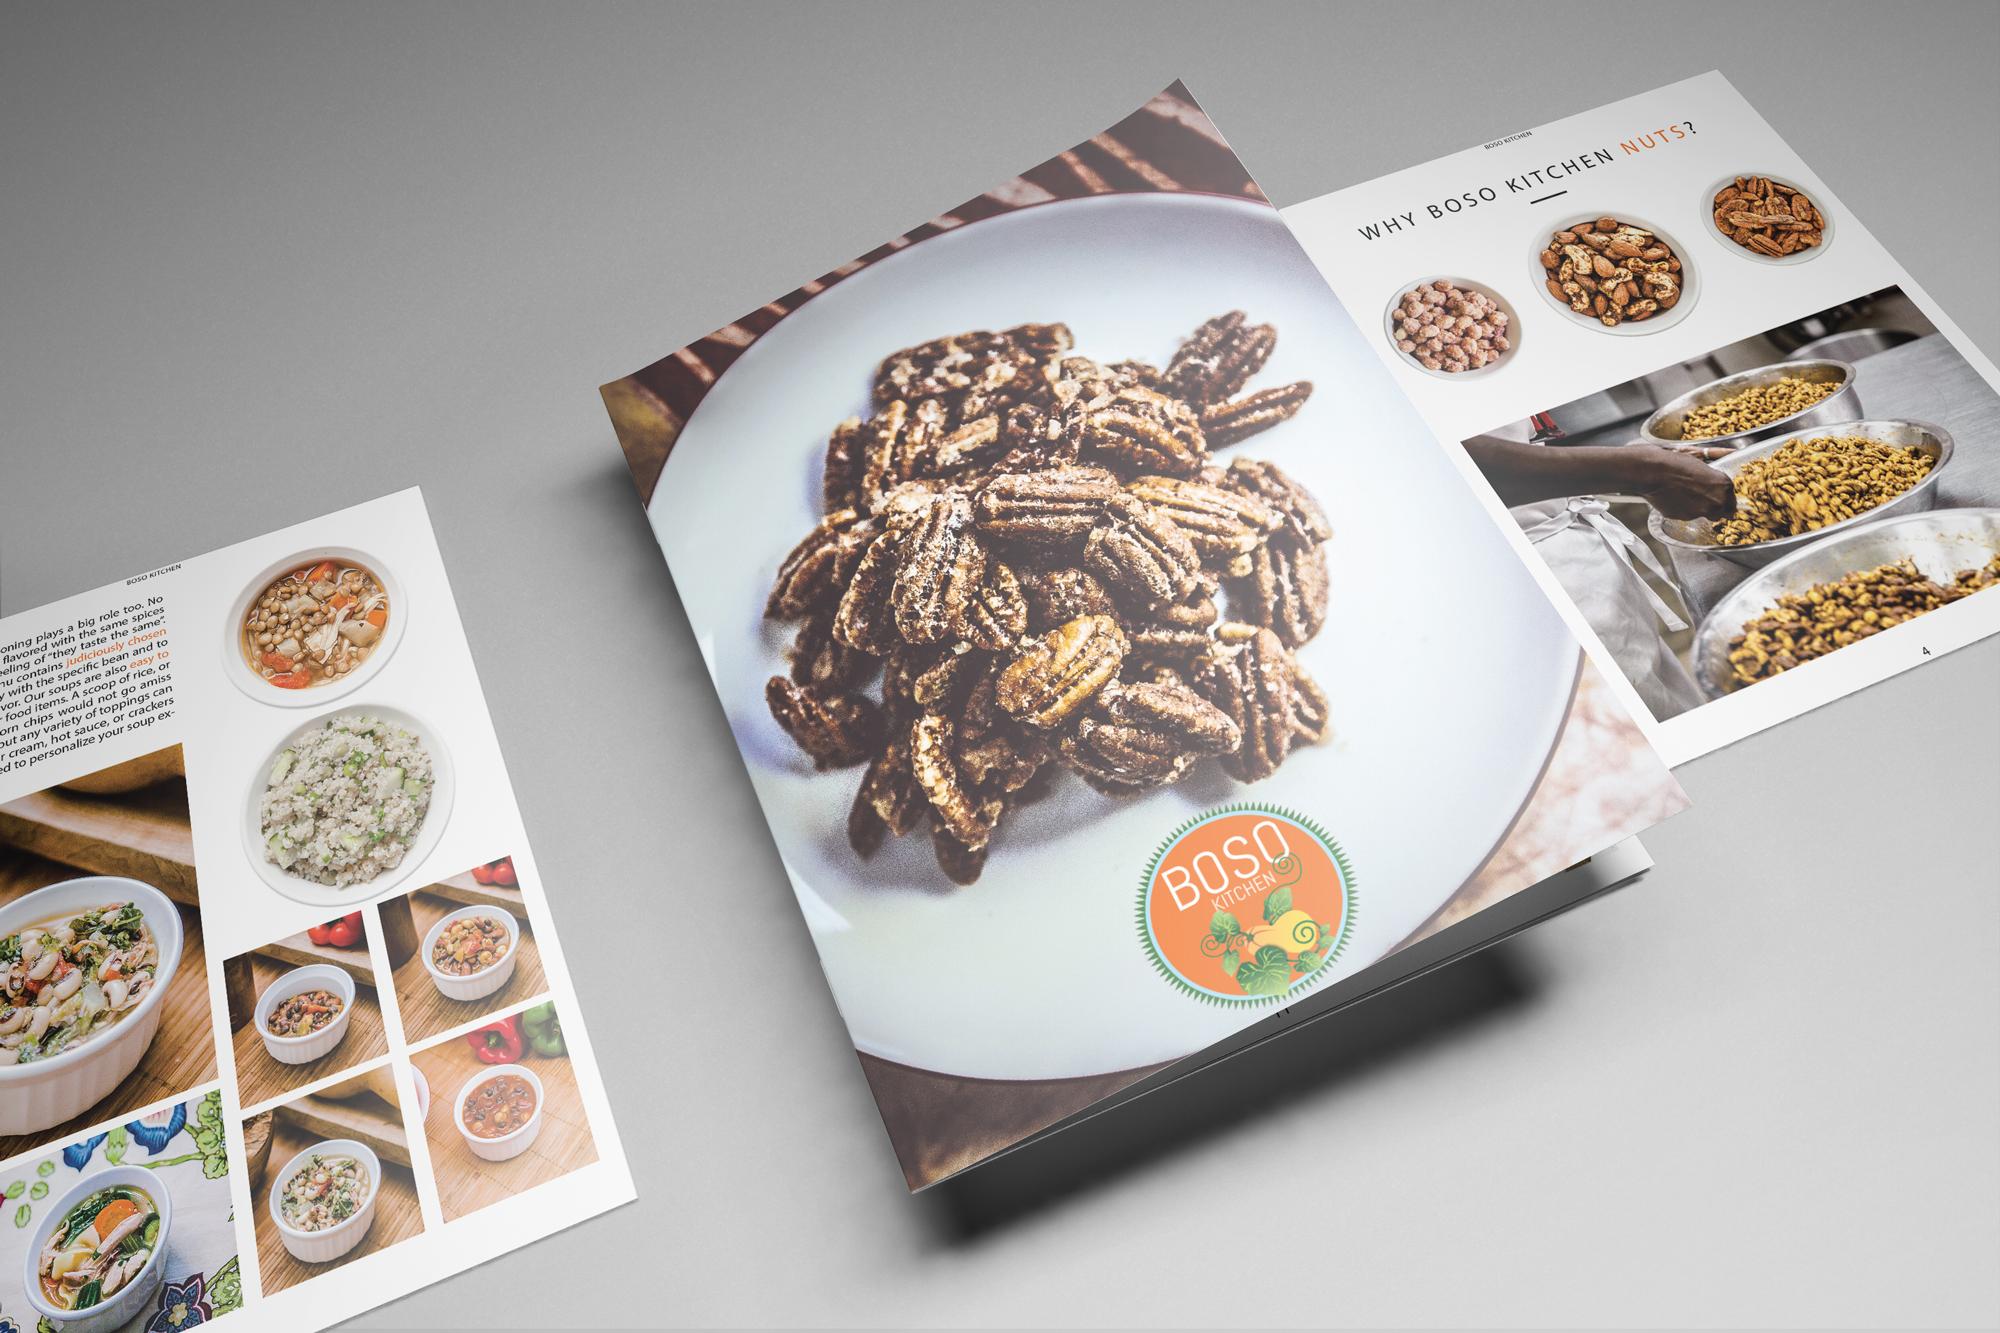 boso-kitchen-media-kit-mockup.jpg